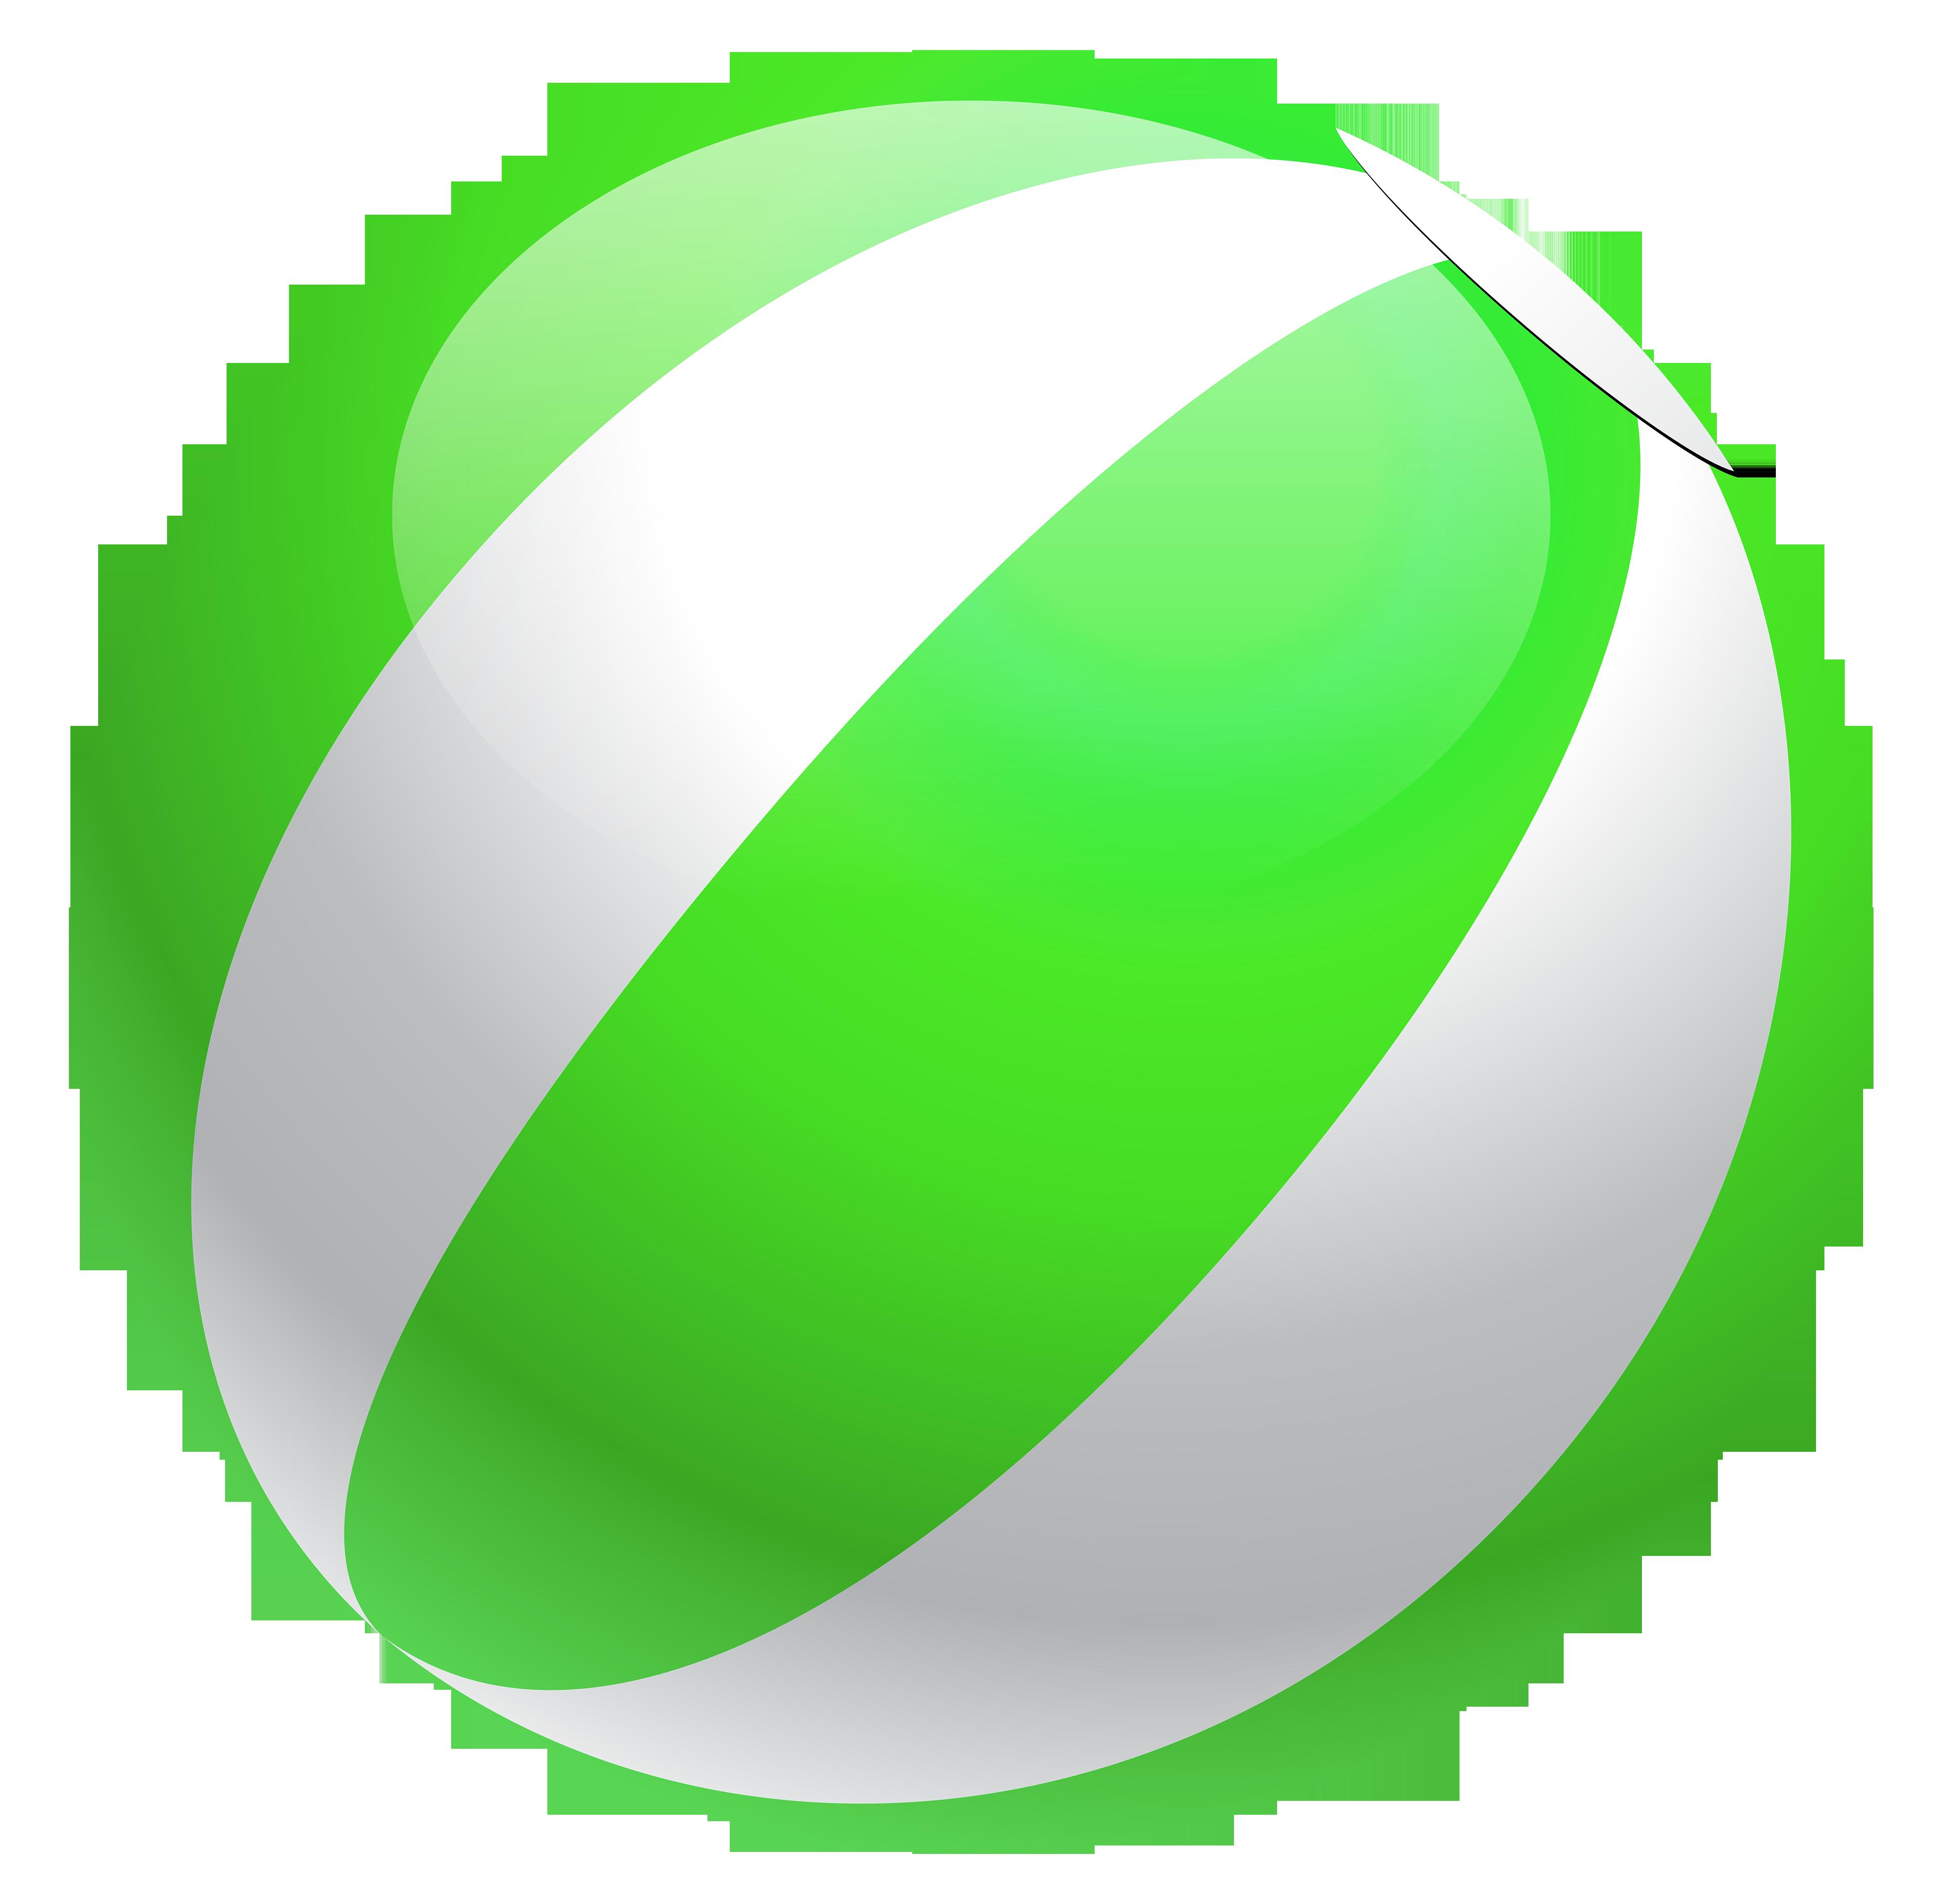 3899x3840 Transparent green beach ball clipart